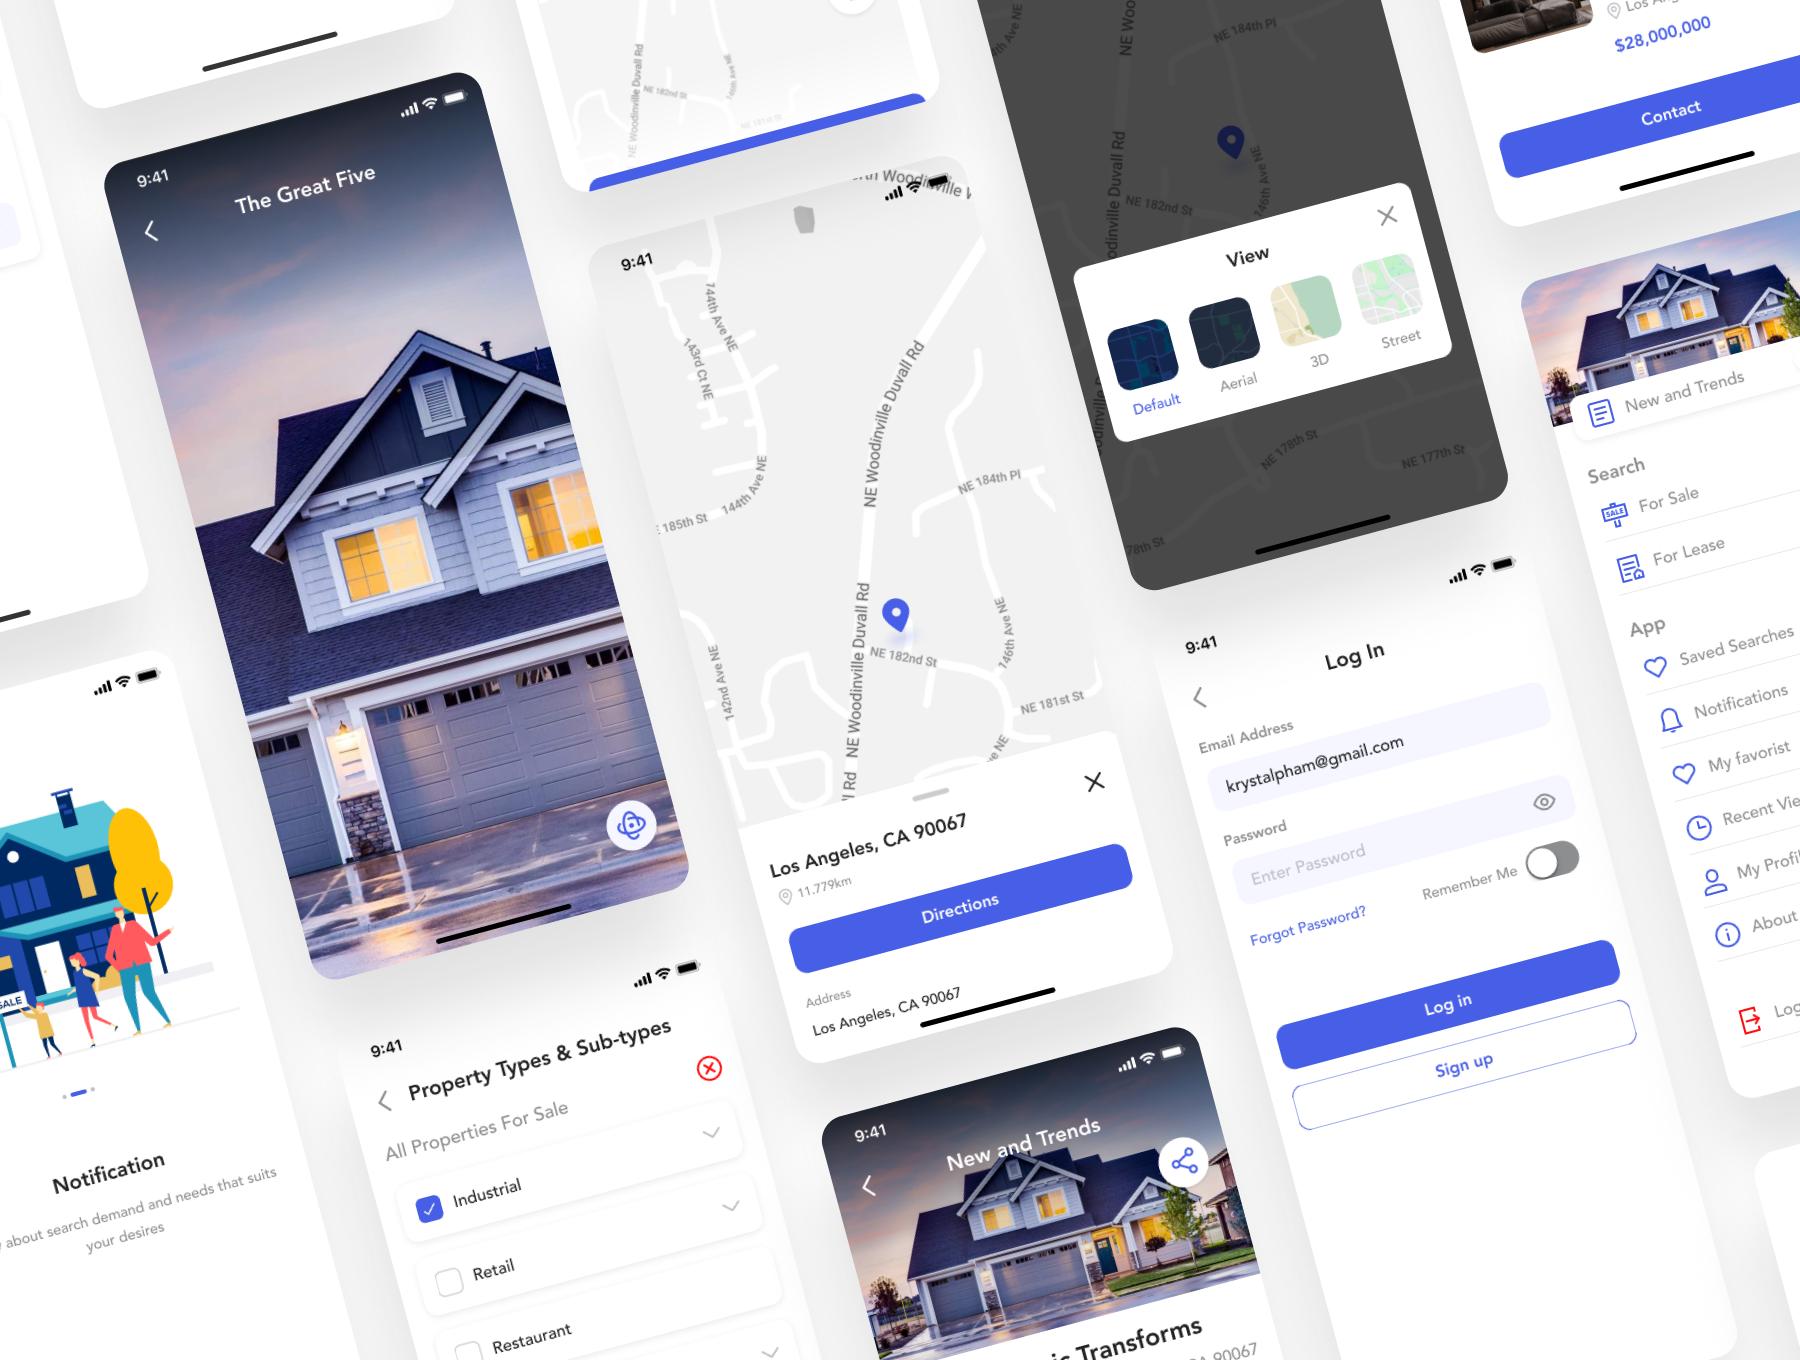 房地产房屋在线租赁销售应用APP UI套件 FiHome – Real estate UI Kit插图(5)